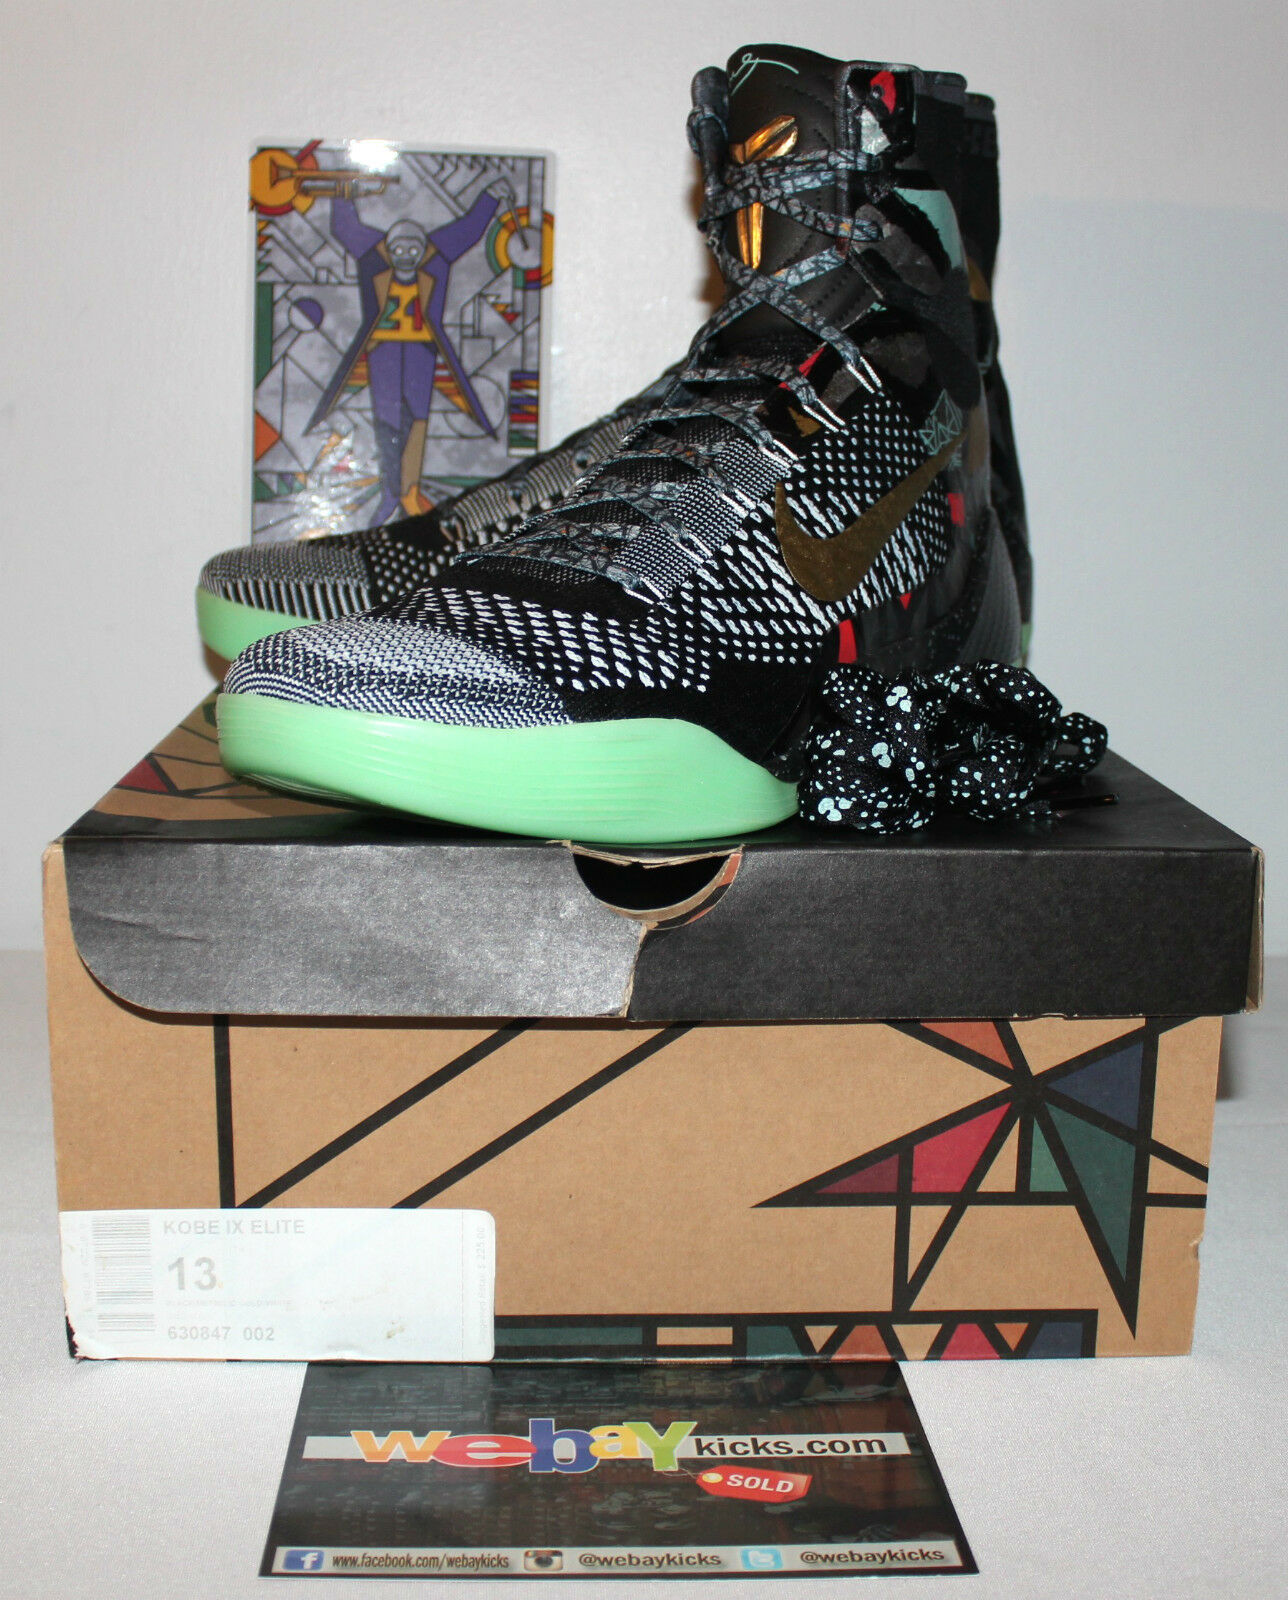 Nike Air Kobe 9 IX Elite Nola Allstar Gumbo Multi Sneakers Men's Comfortable Seasonal price cuts, discount benefits